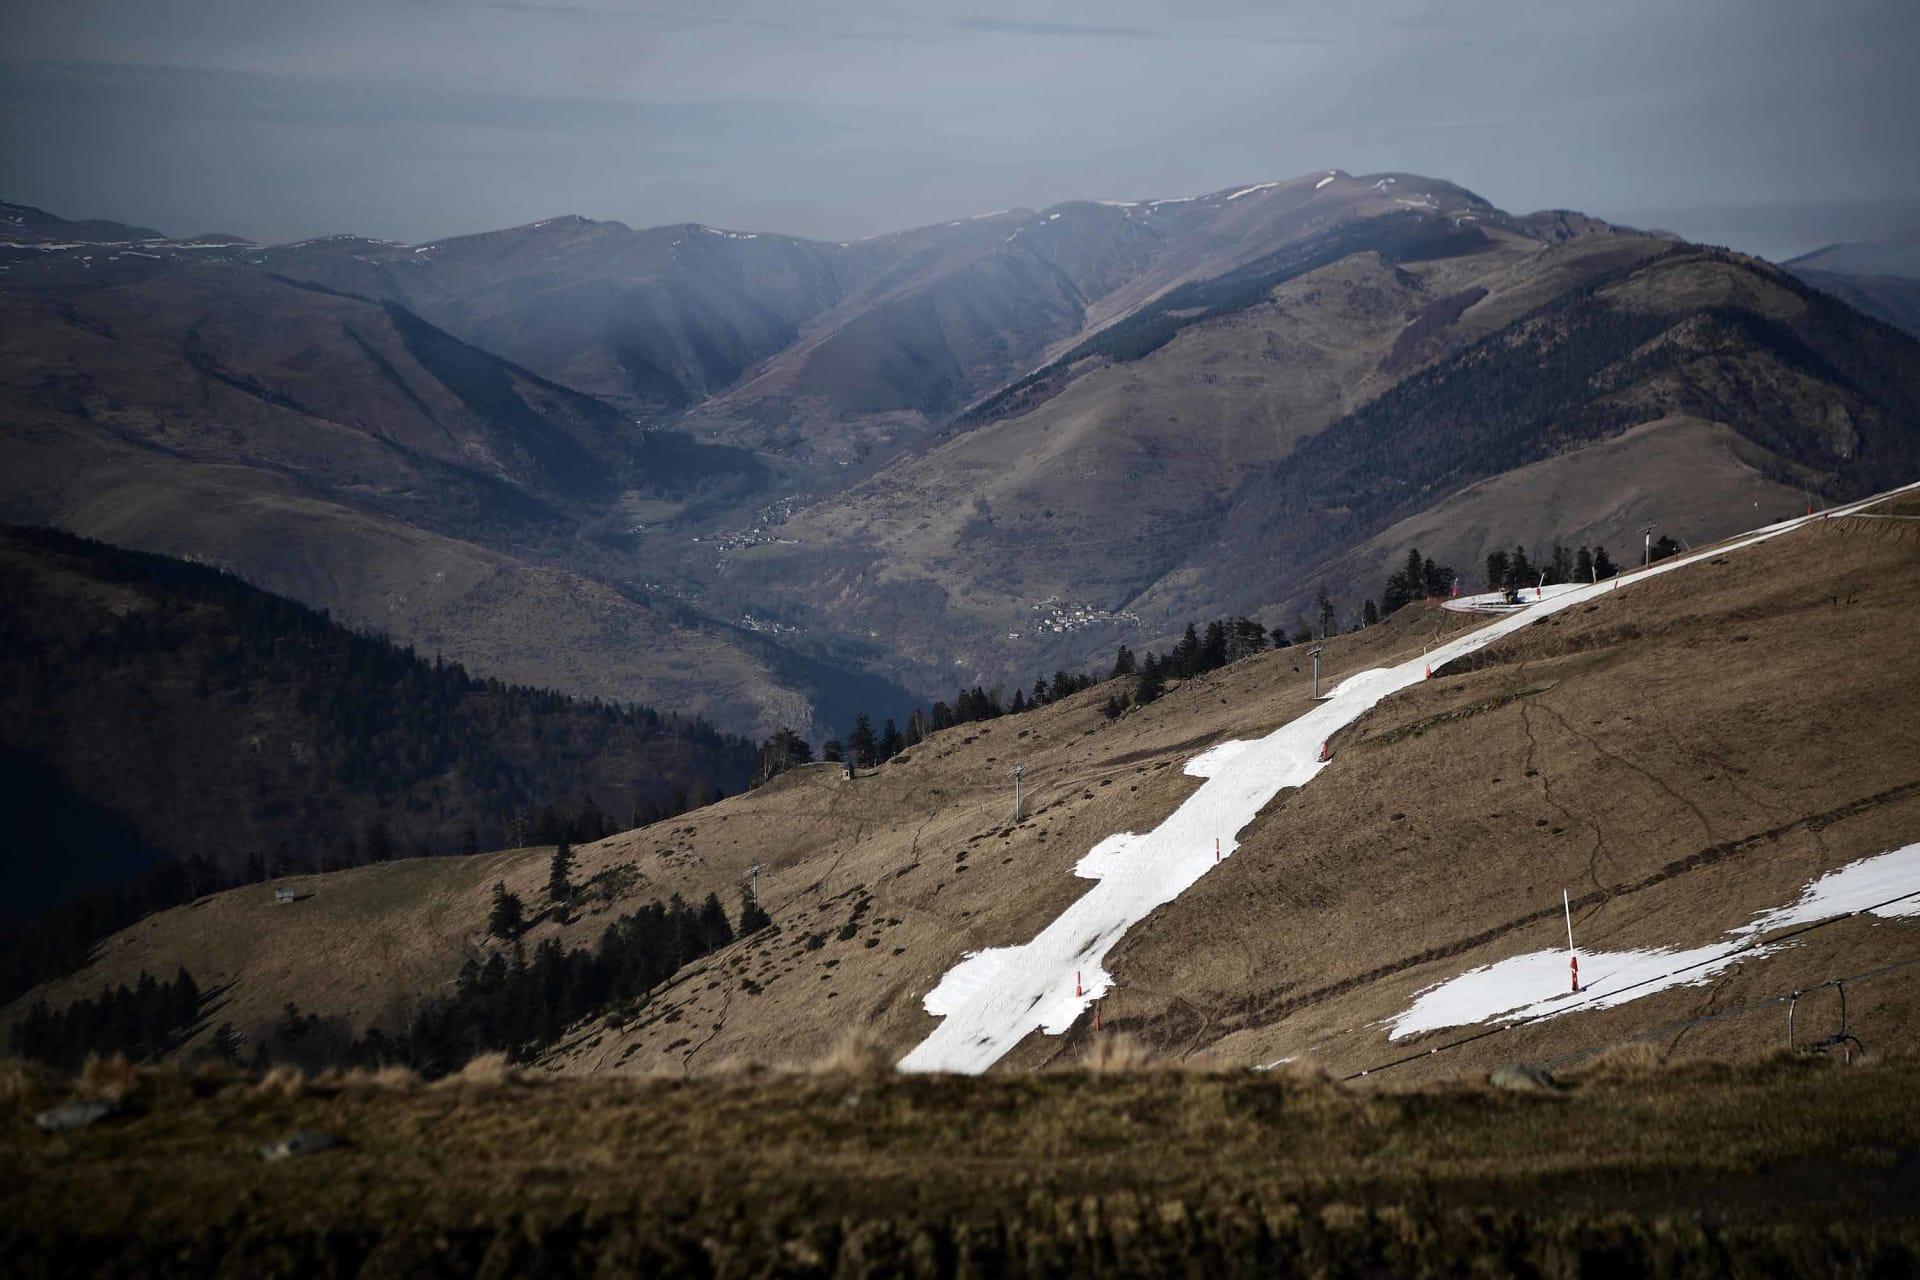 منتجع تزلج فرنسي ينقل الثلوج بطائرة الهليكوبتر بسبب التغير المناخي